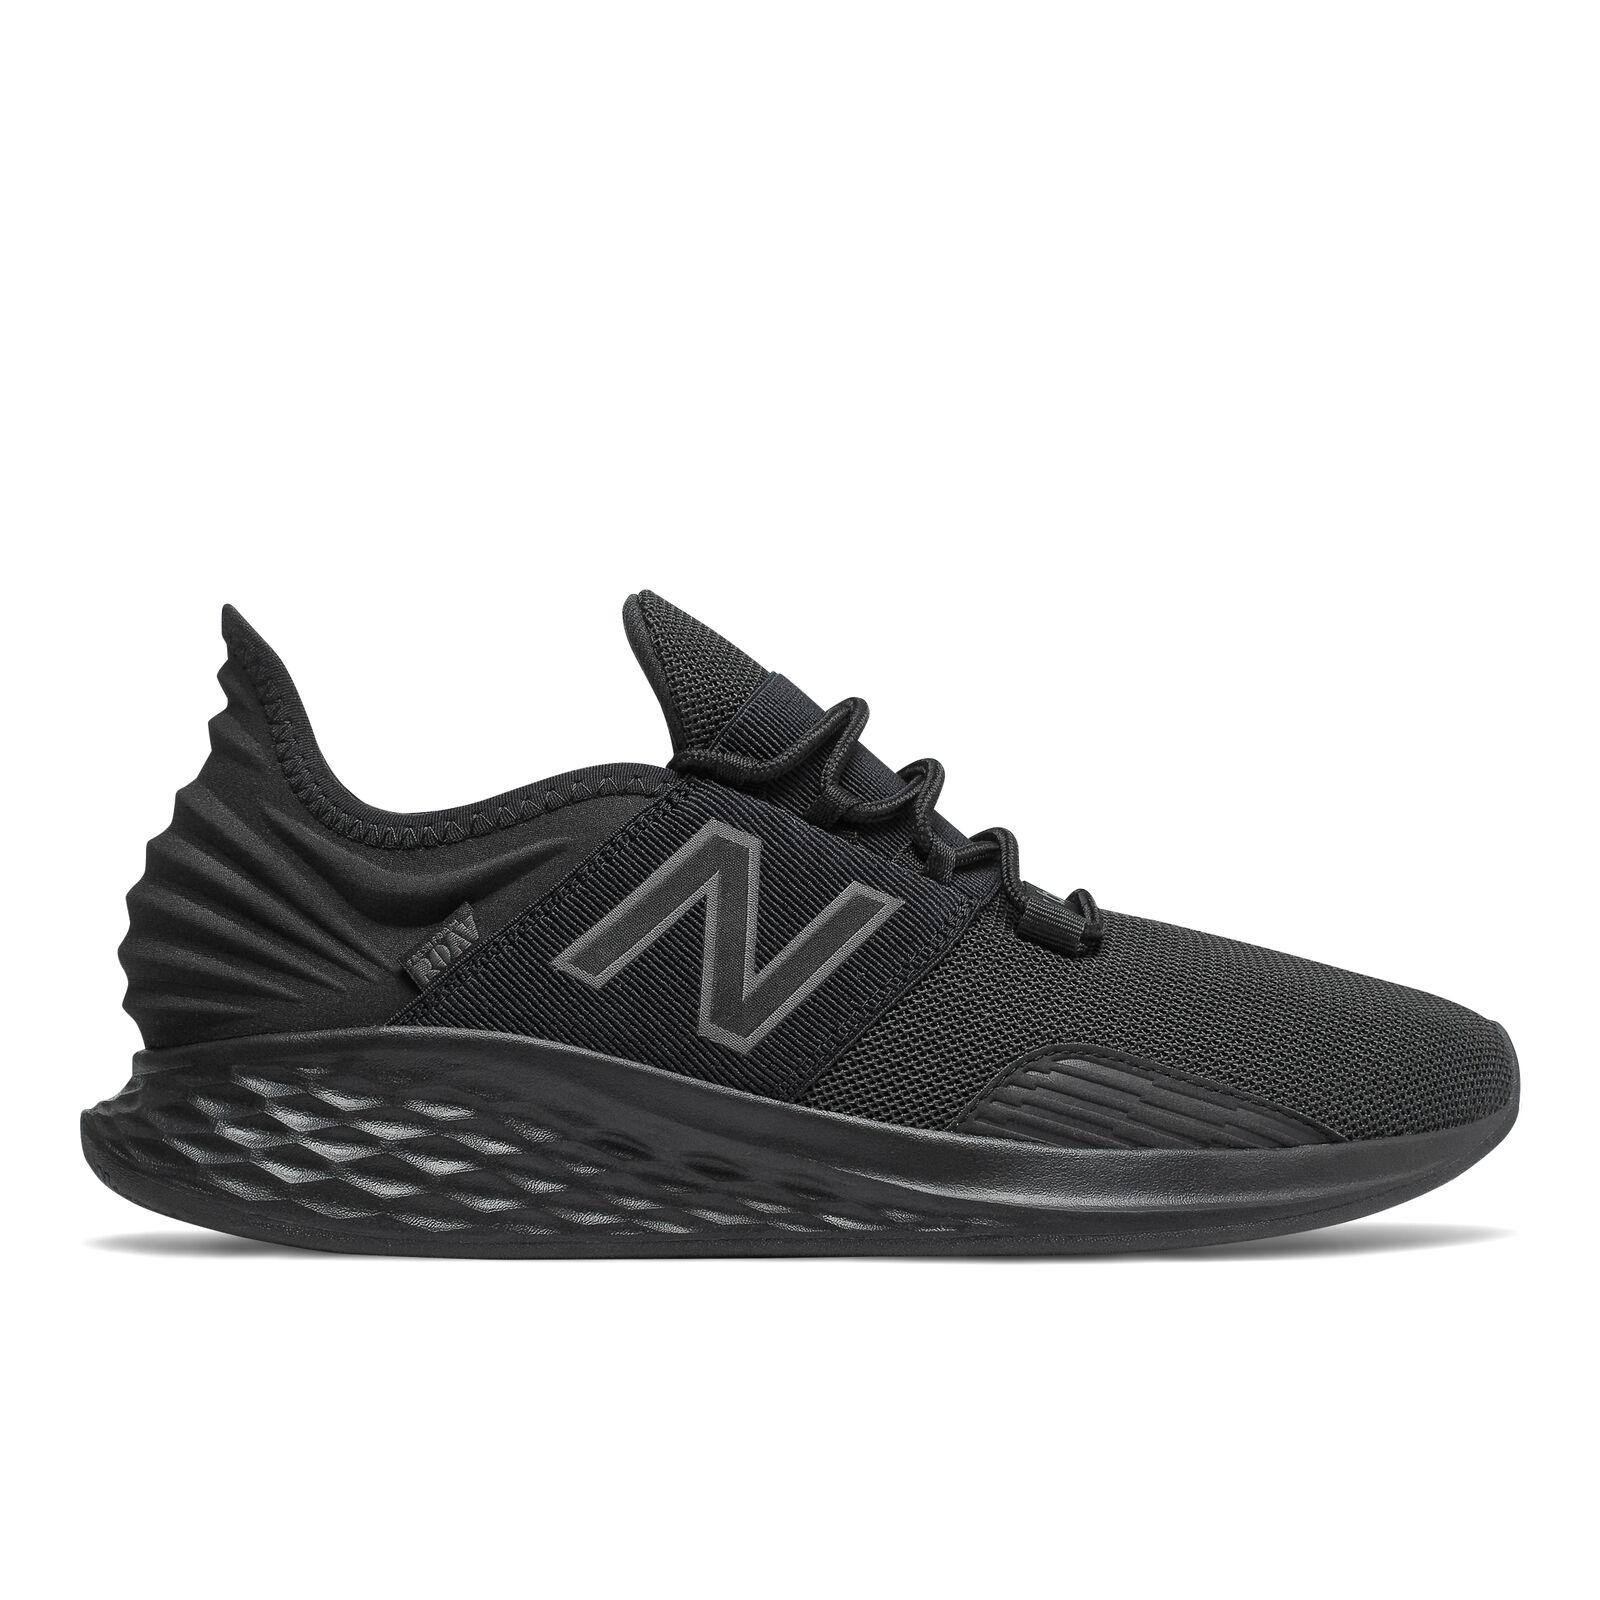 New MROAVLB Roav v1 Fresh espuma Balance Magnet Negro Para hombres Zapatos para correr